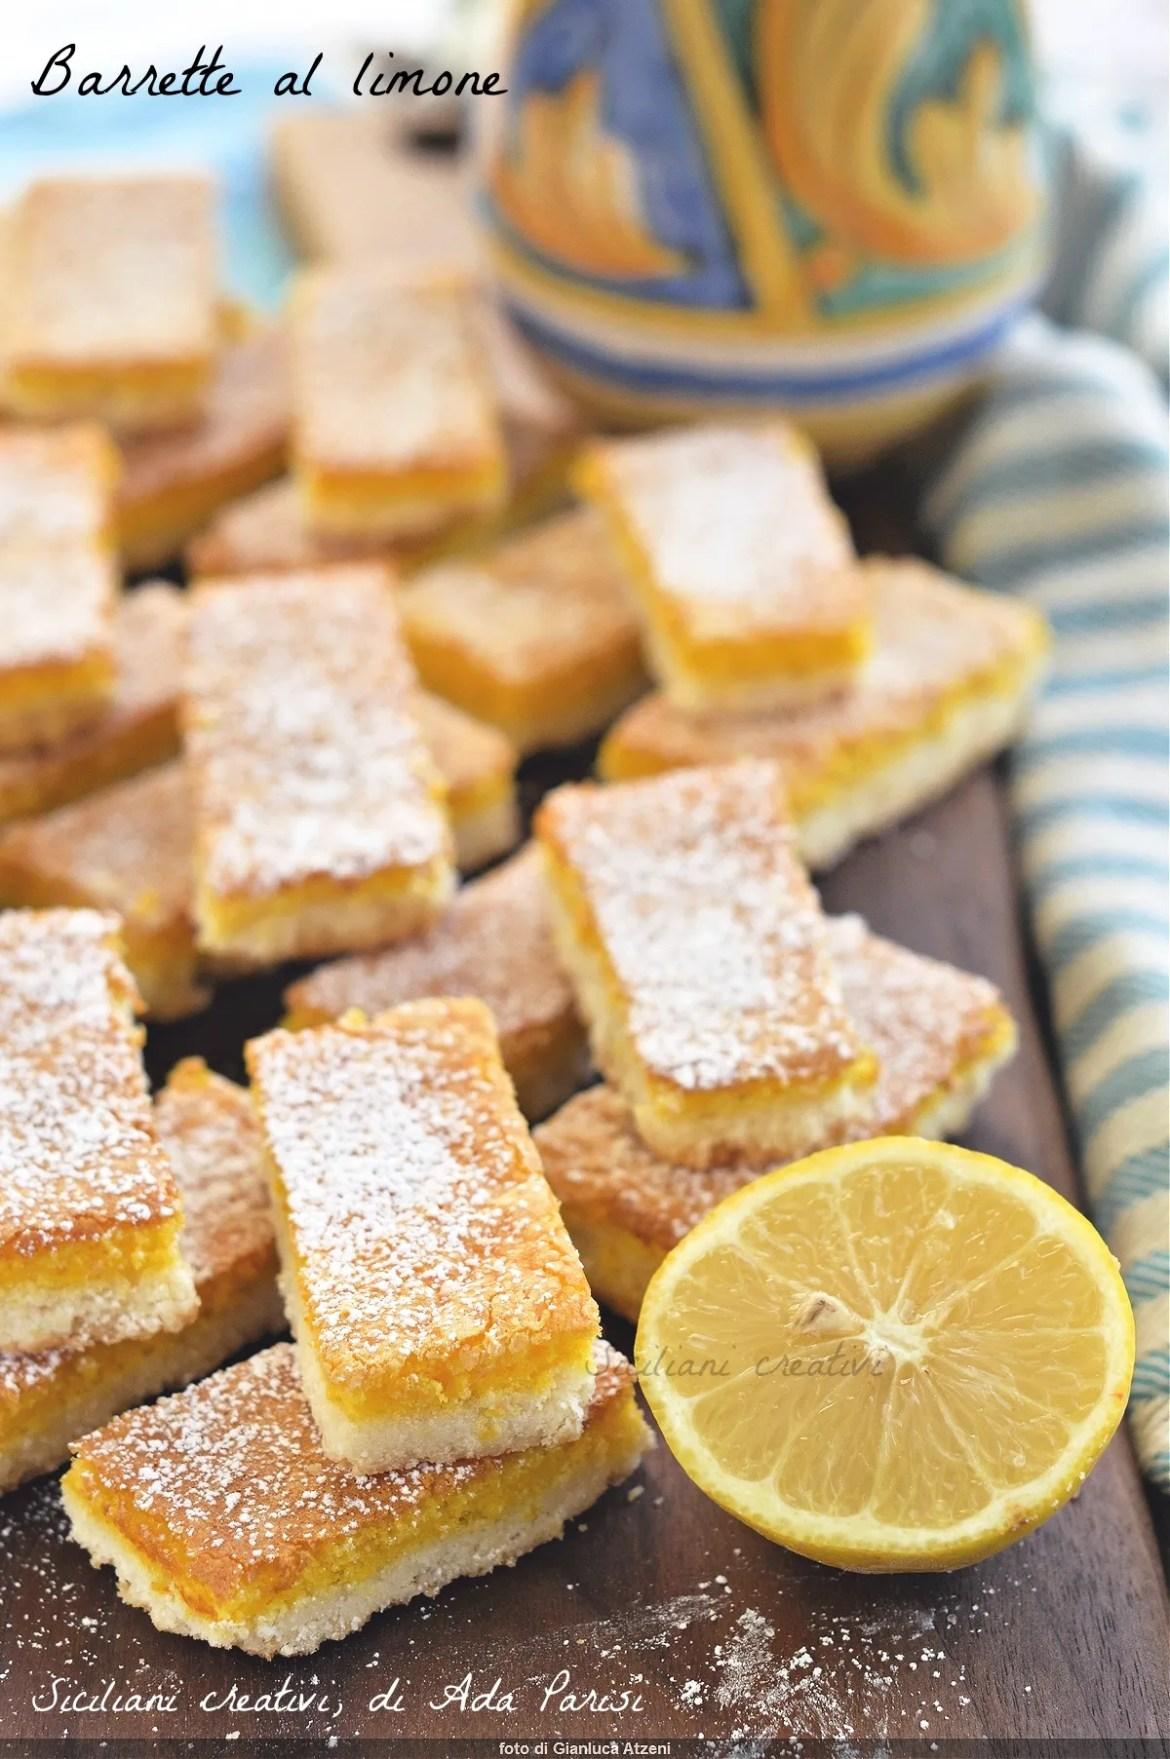 Barrette al limone